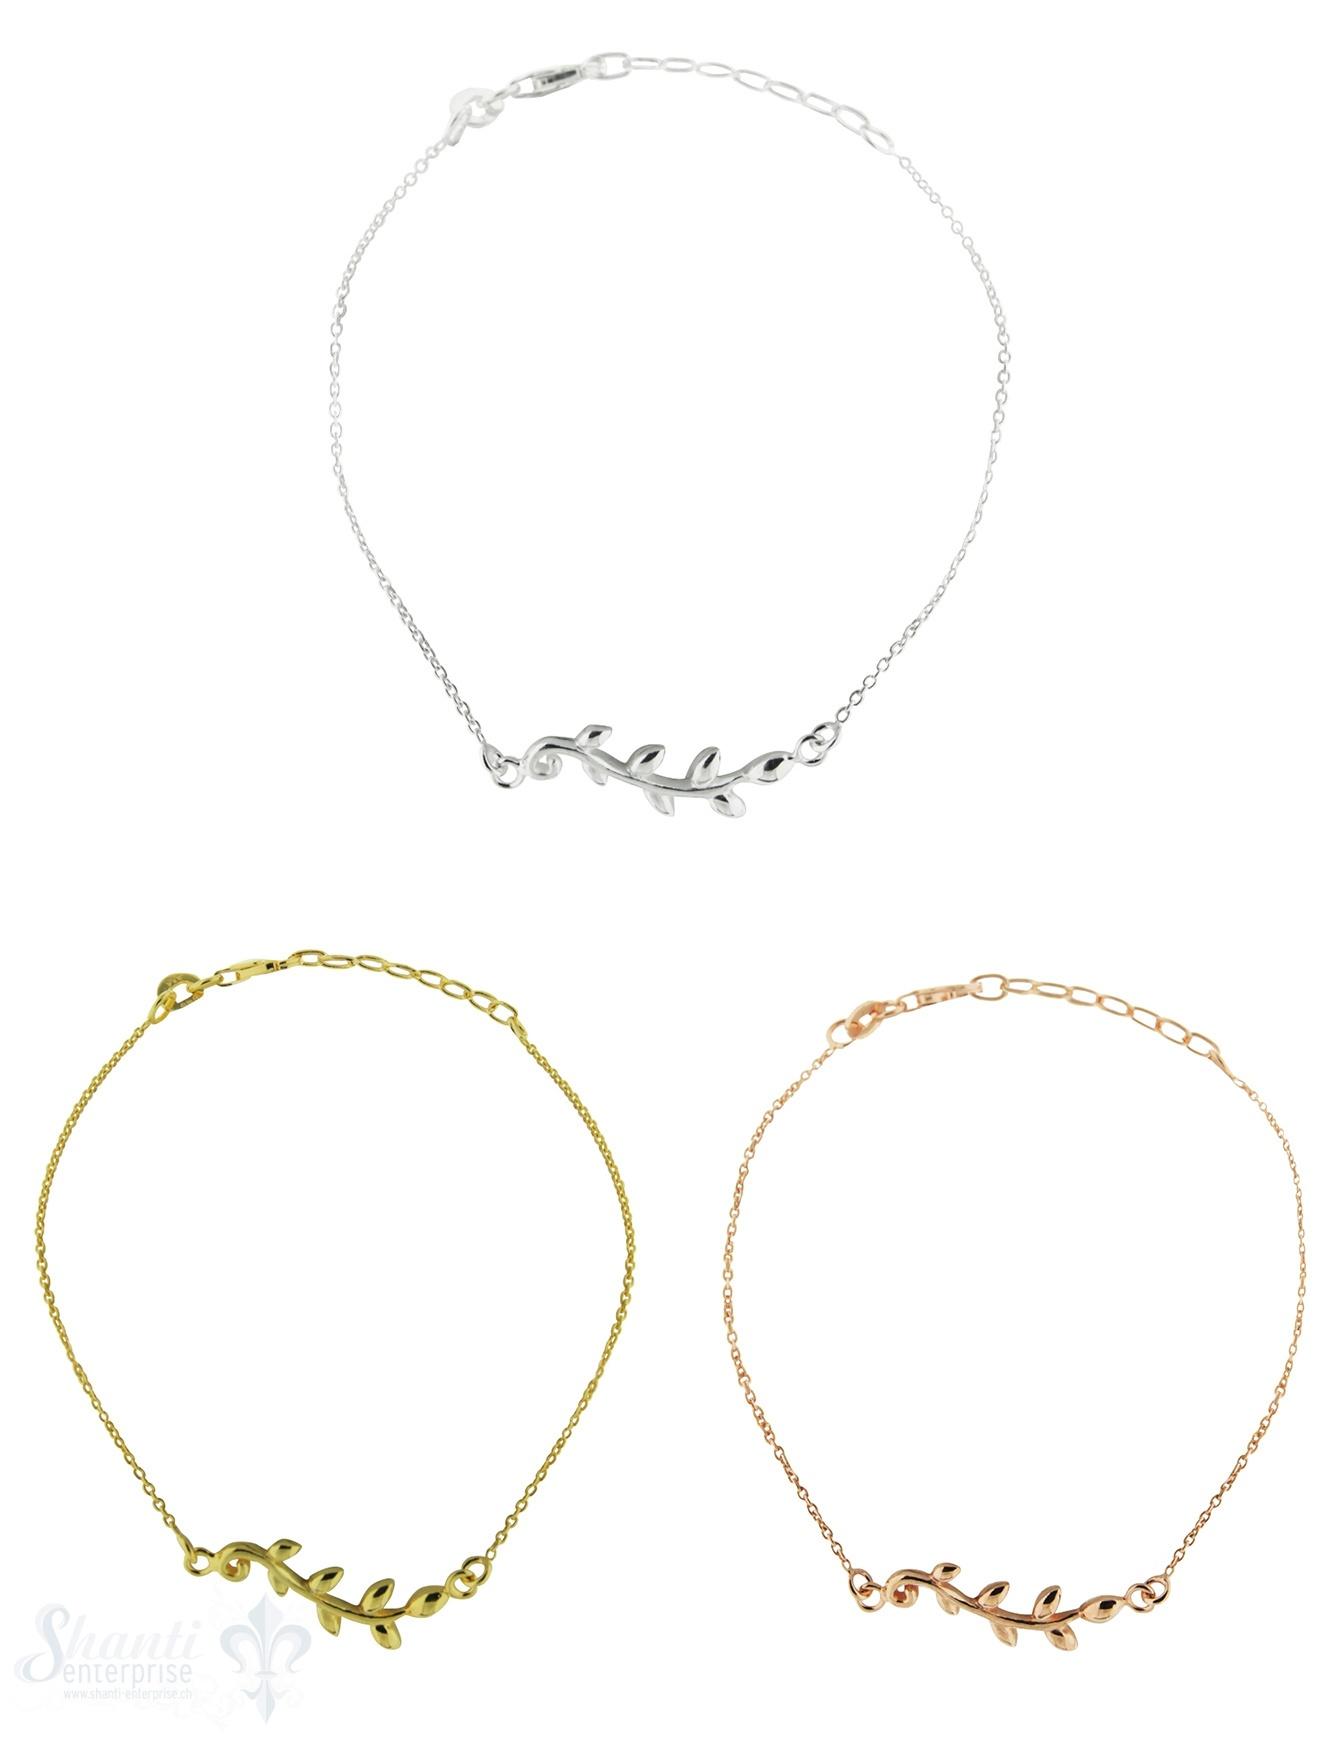 Silberarmkette: Anker mit Blattranke Länge: 16 / 18 cm verstellbar